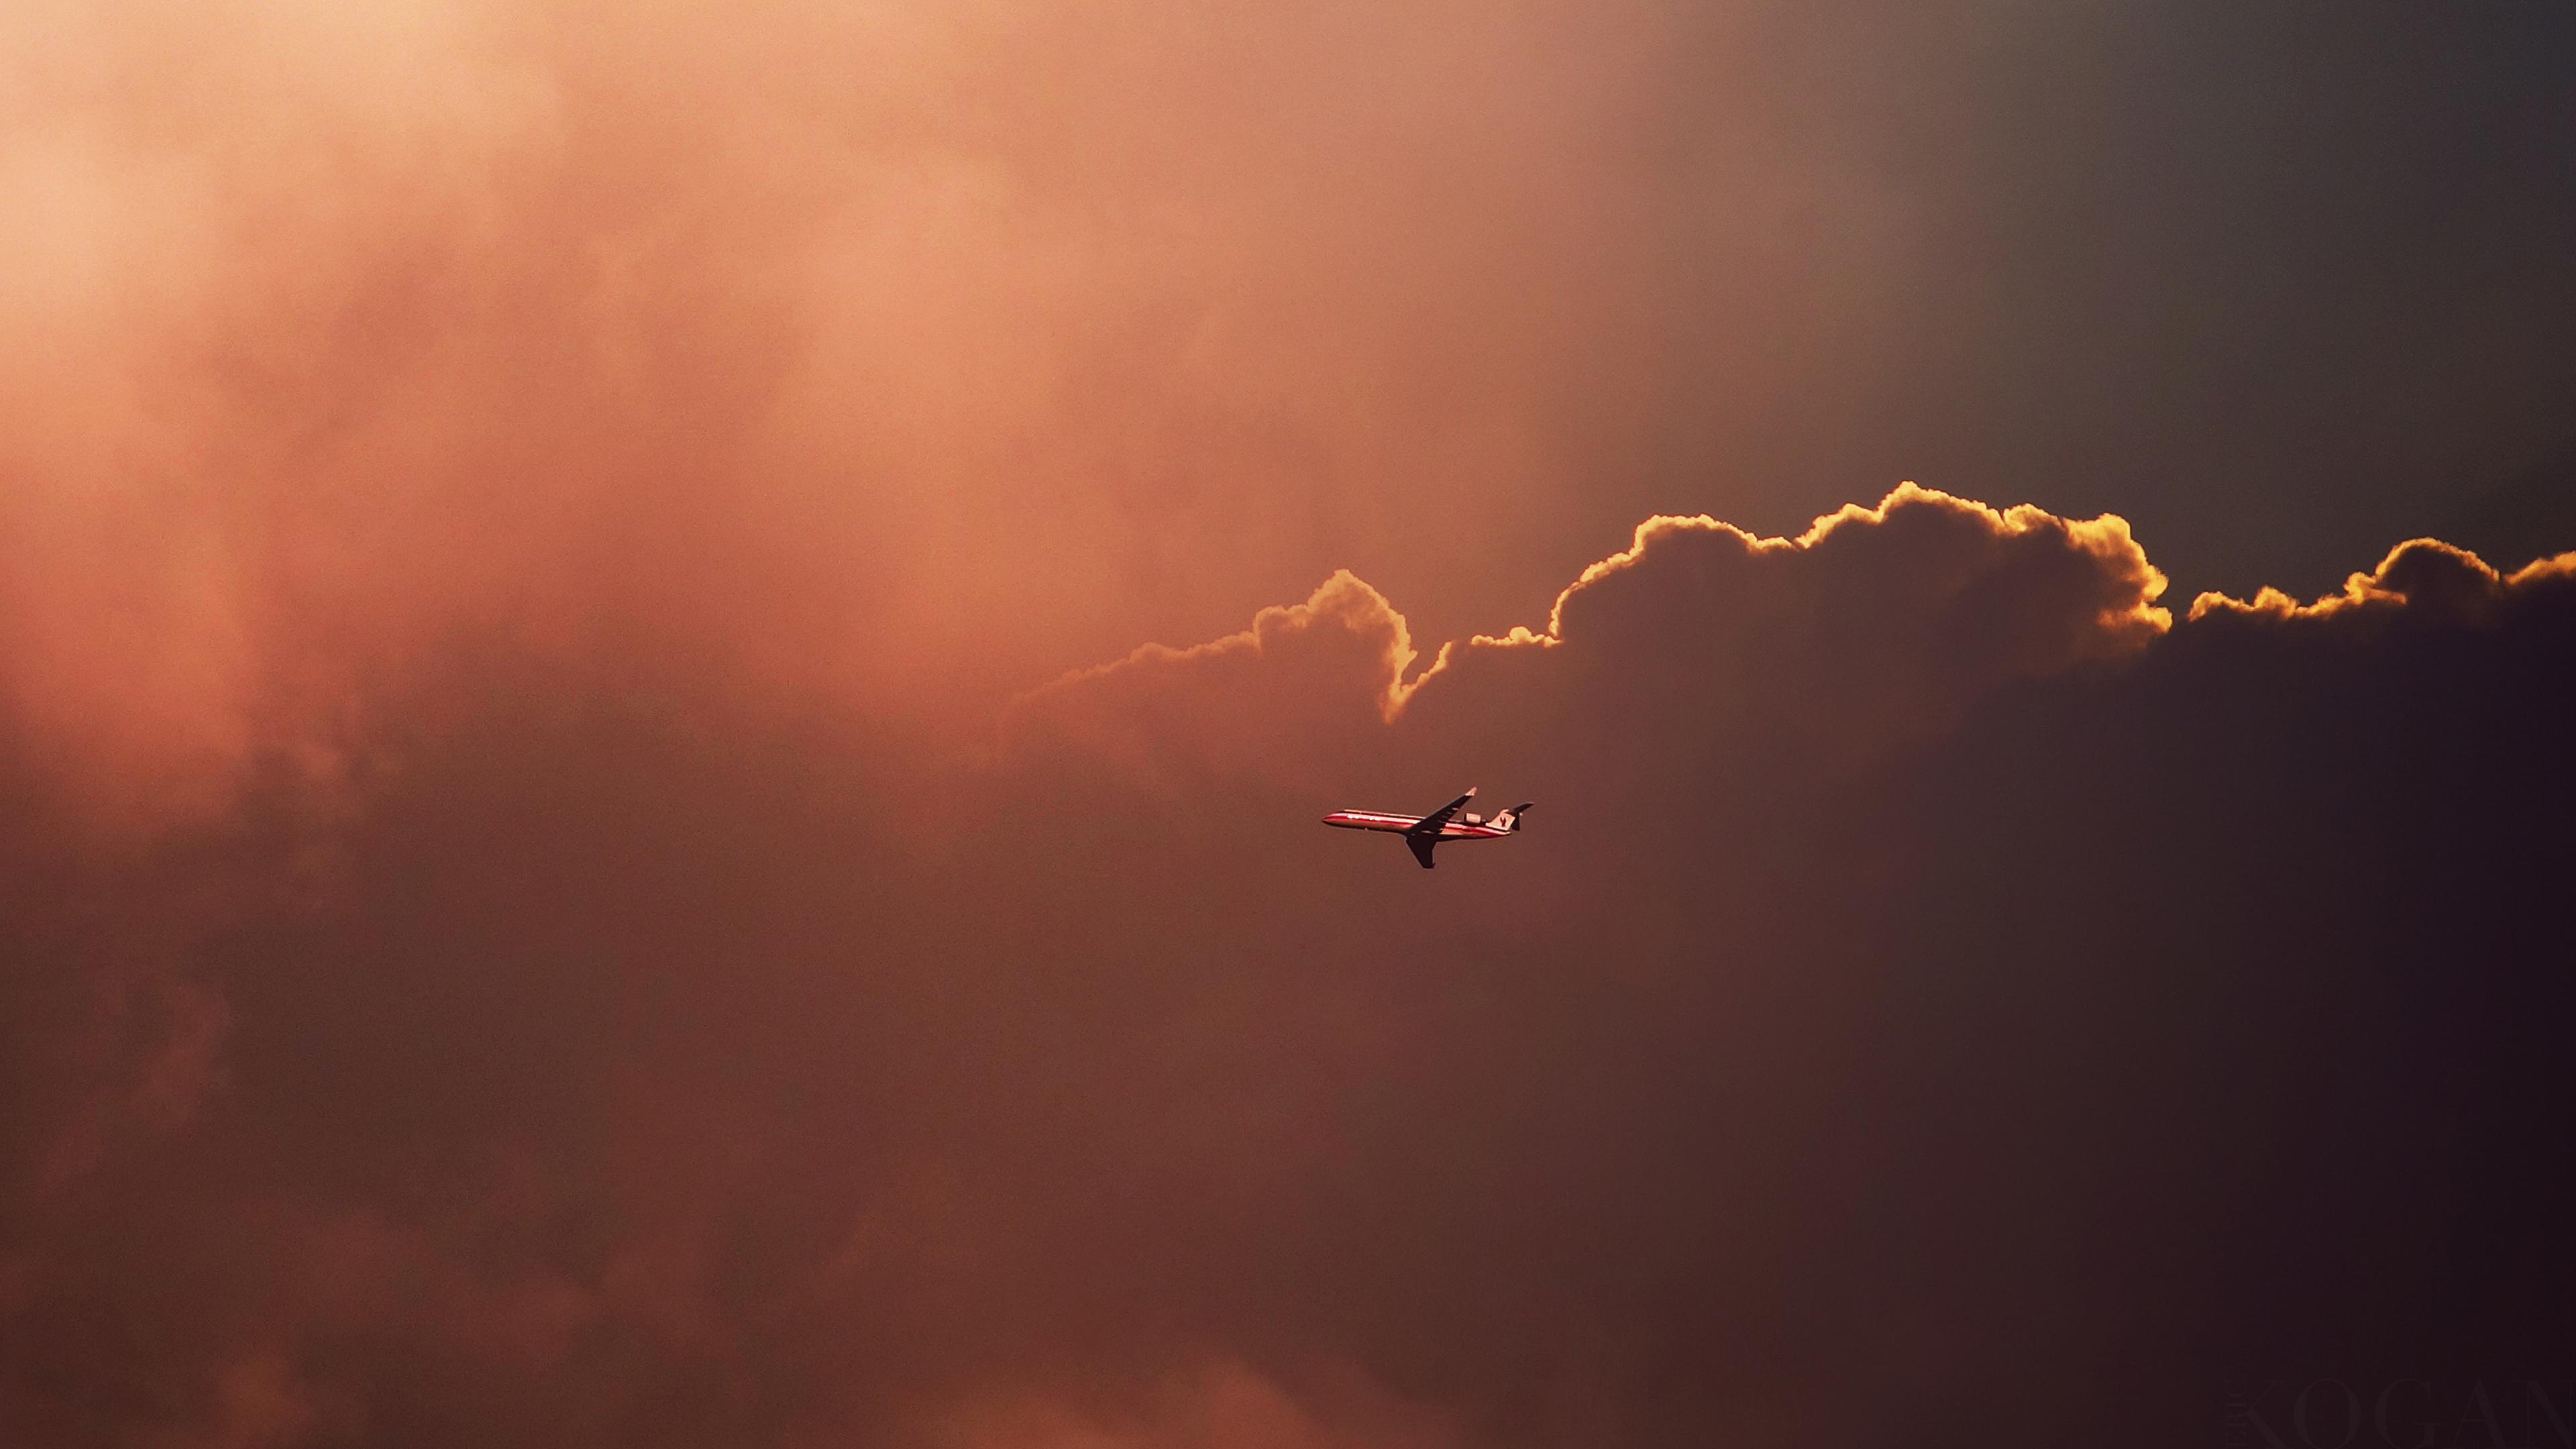 авиация небо бесплатно